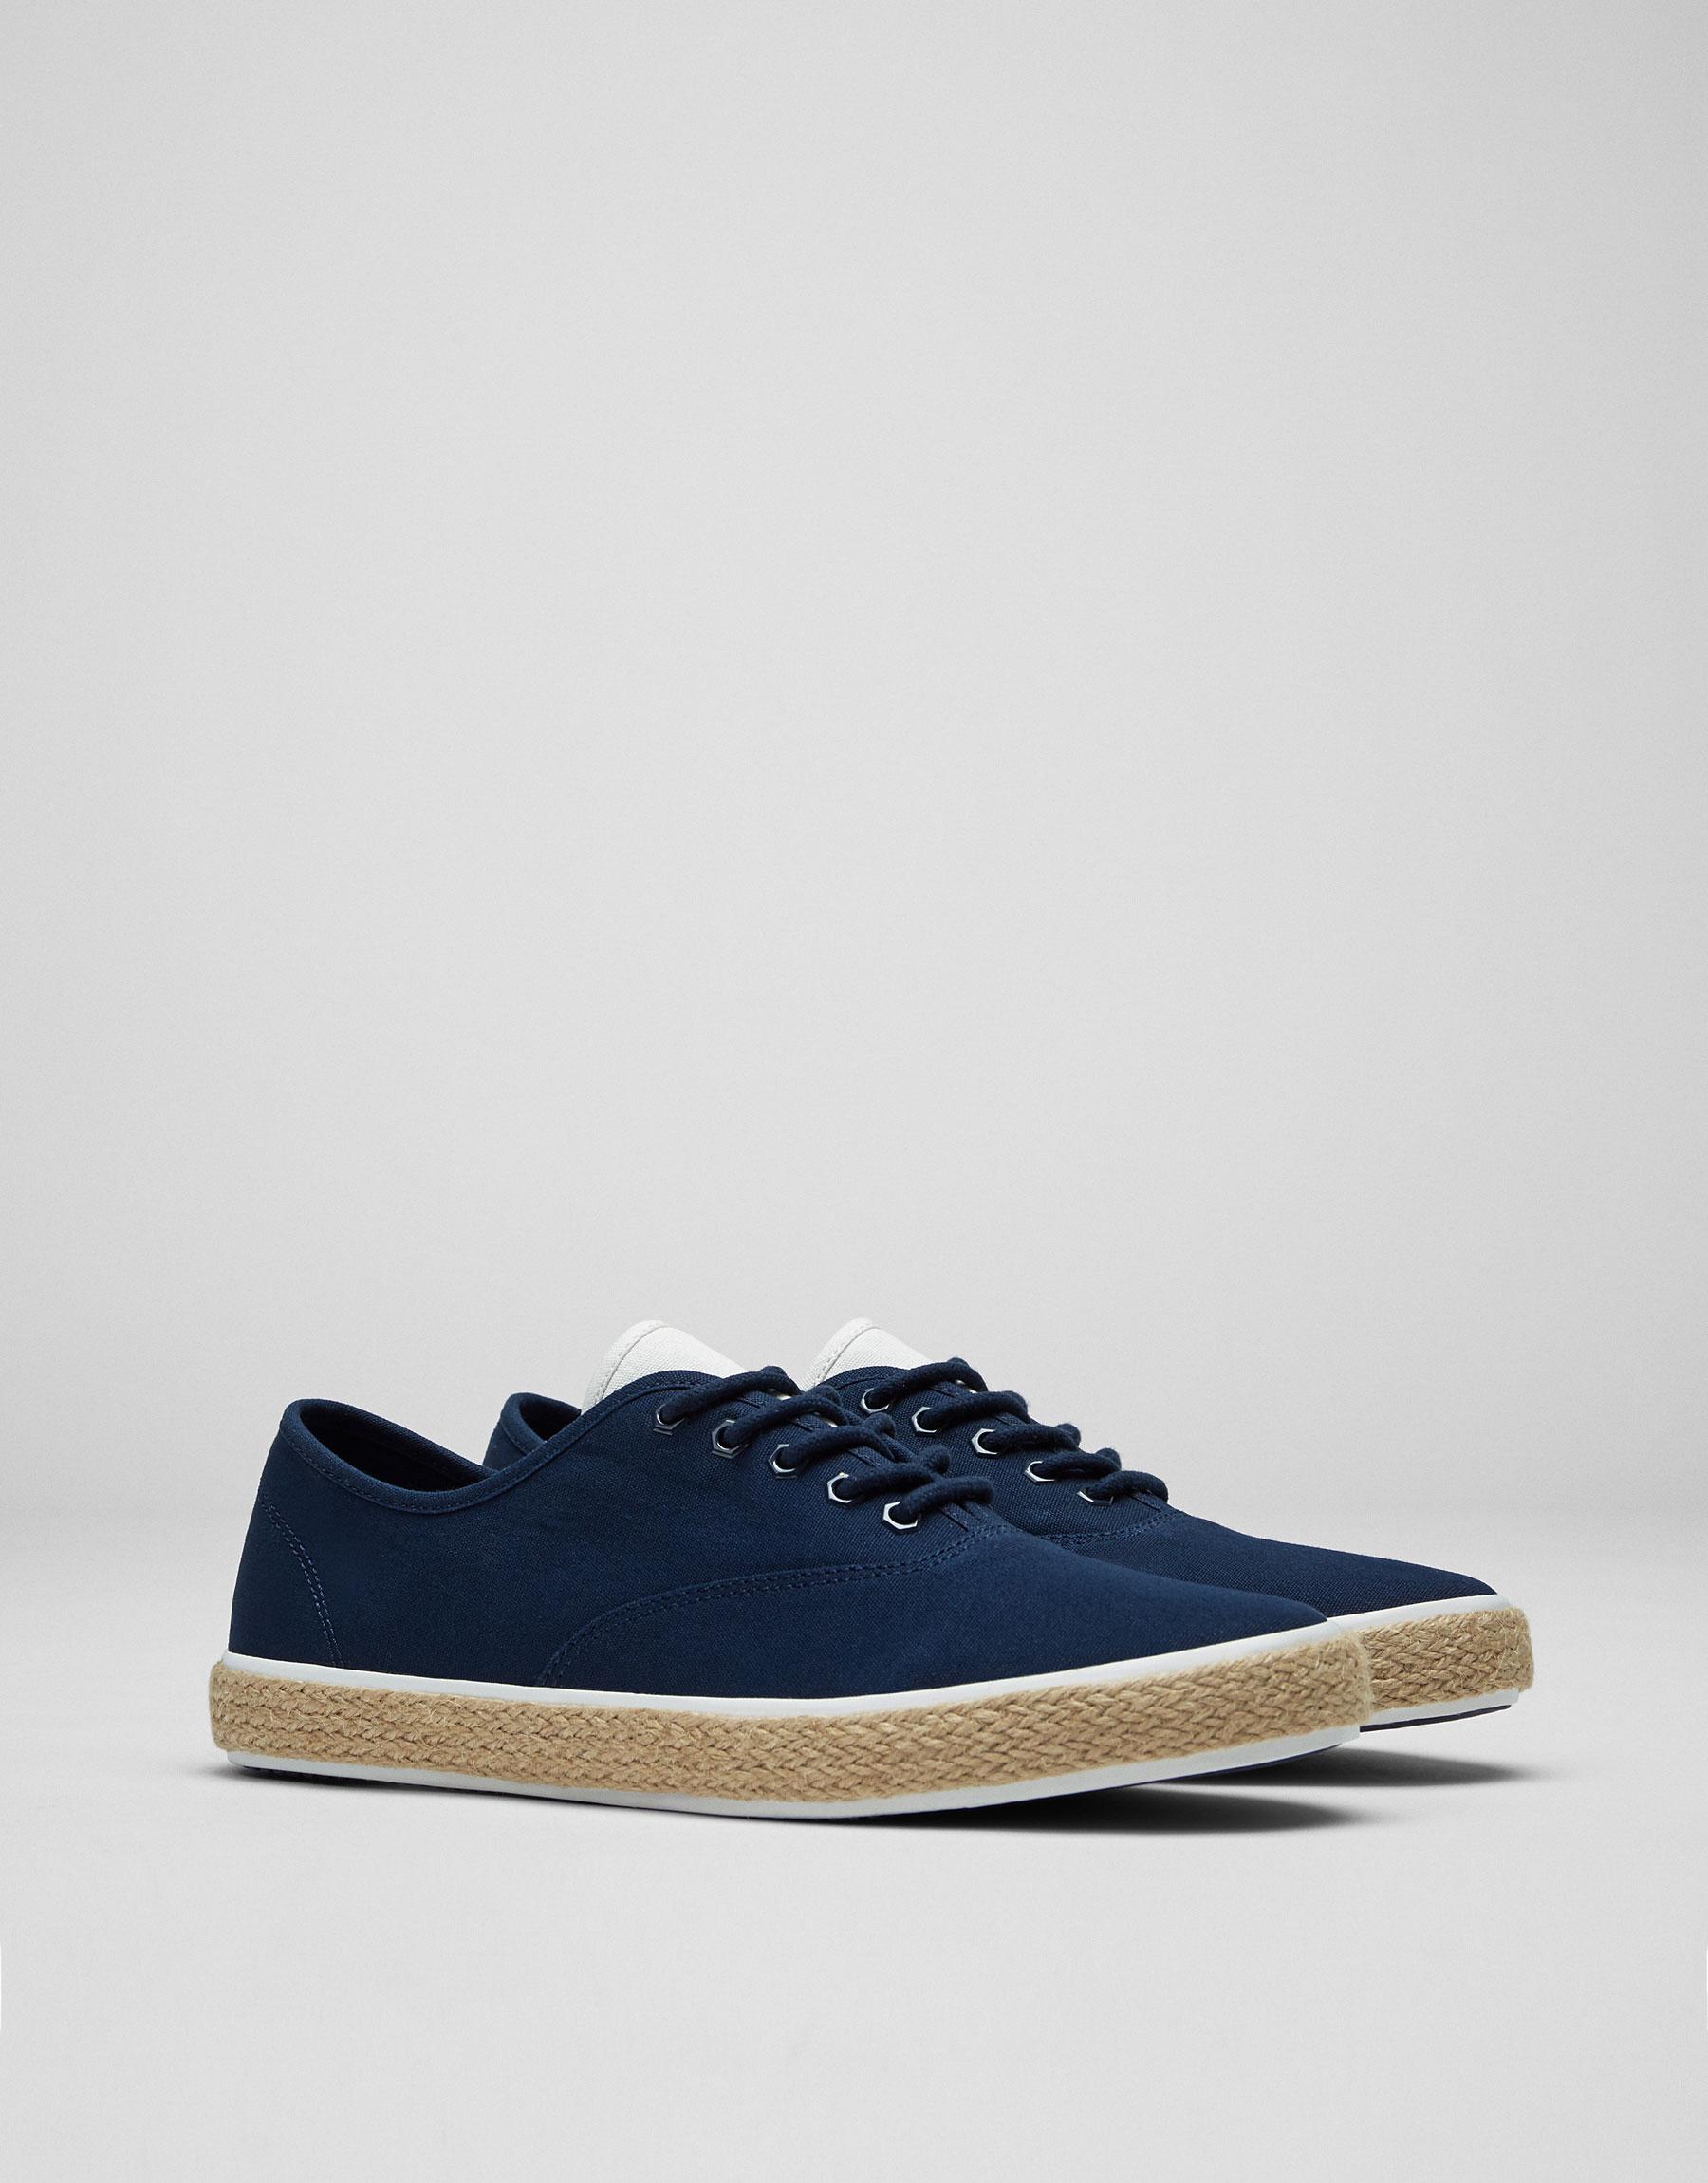 Tennis jute bleues - Dernières nouveautés - Chaussures - Homme - PULL&BEAR France